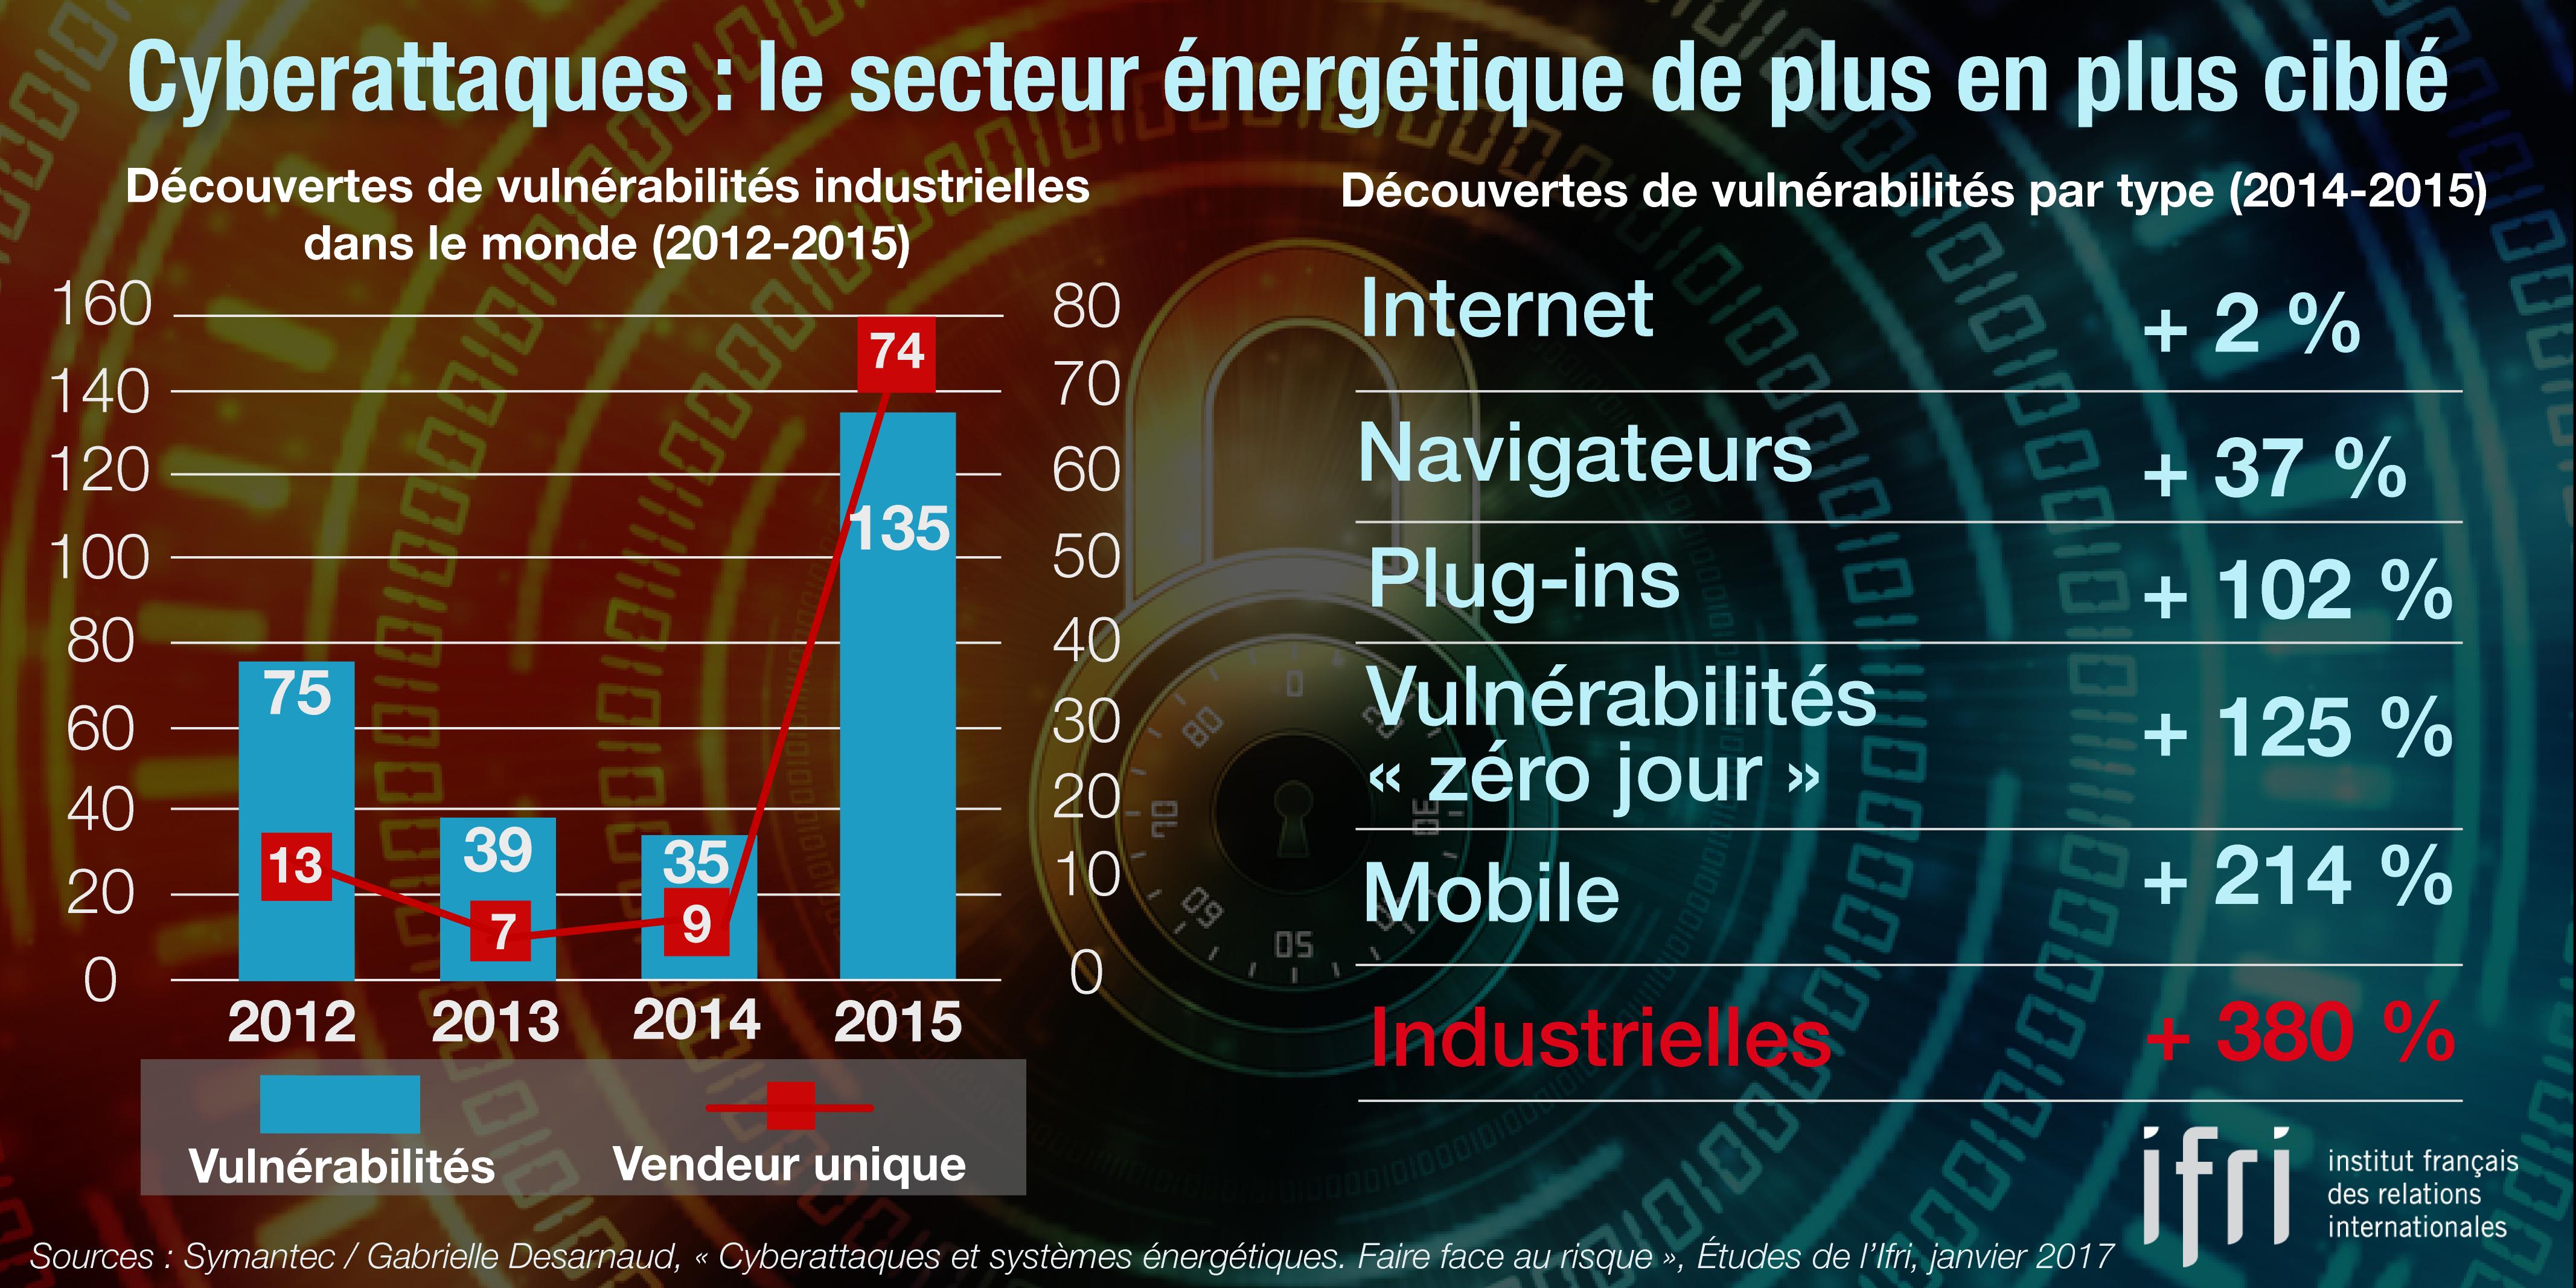 Cyberattaques : le secteur énergétique de plus en plus visé